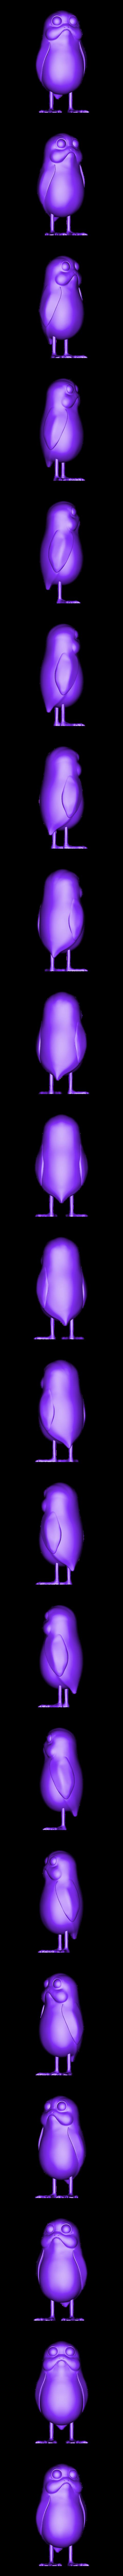 Porg.stl Download free STL file A little standing Porg • Object to 3D print, ricardo-jfa